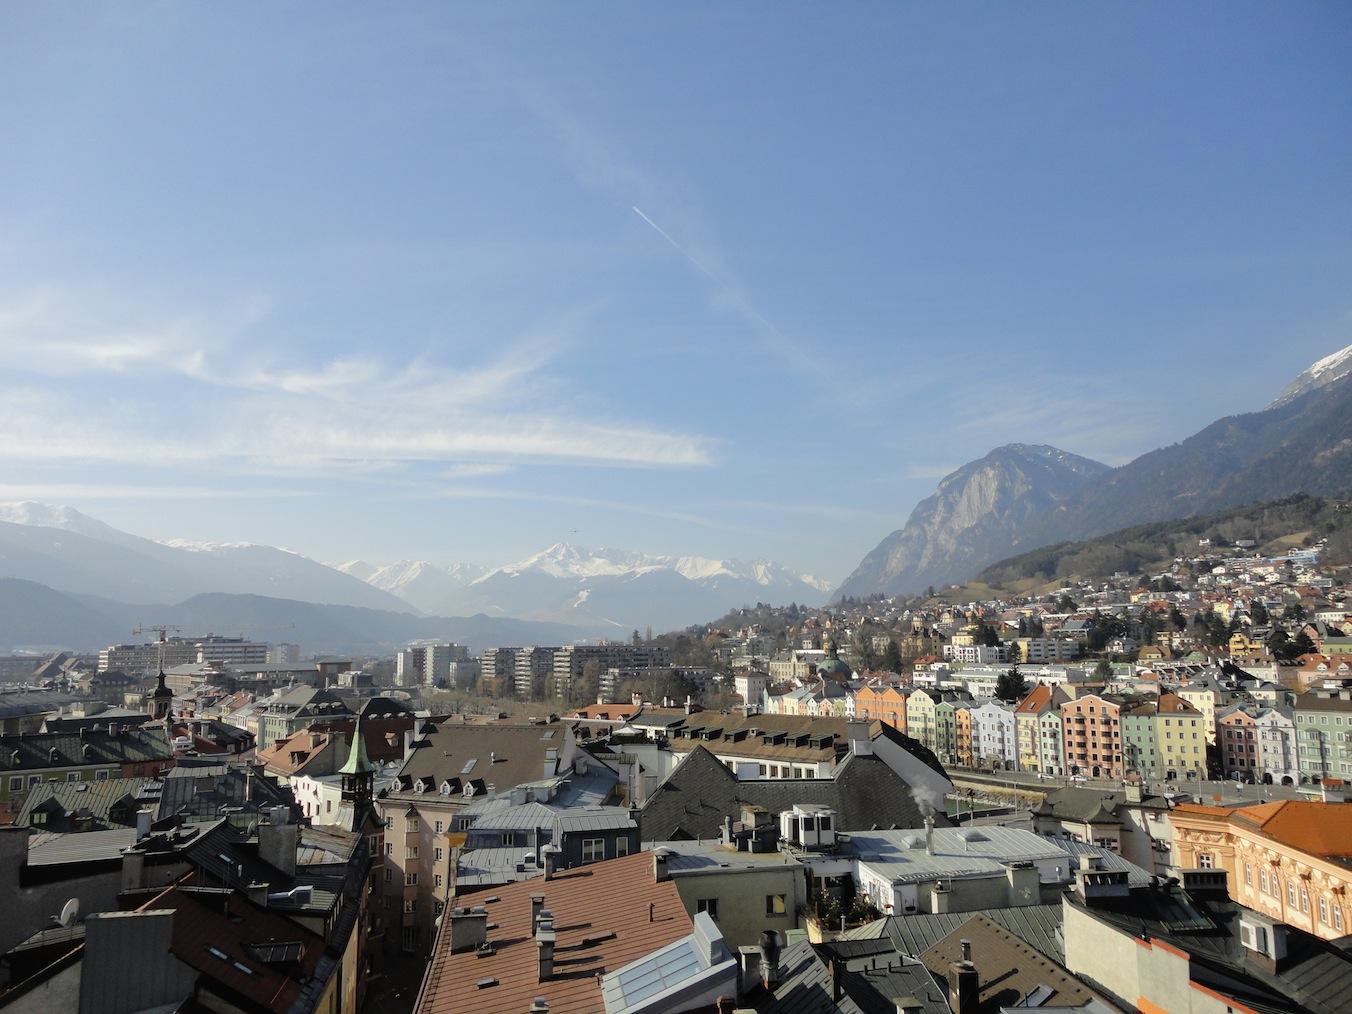 Bergblick in Innsbruck